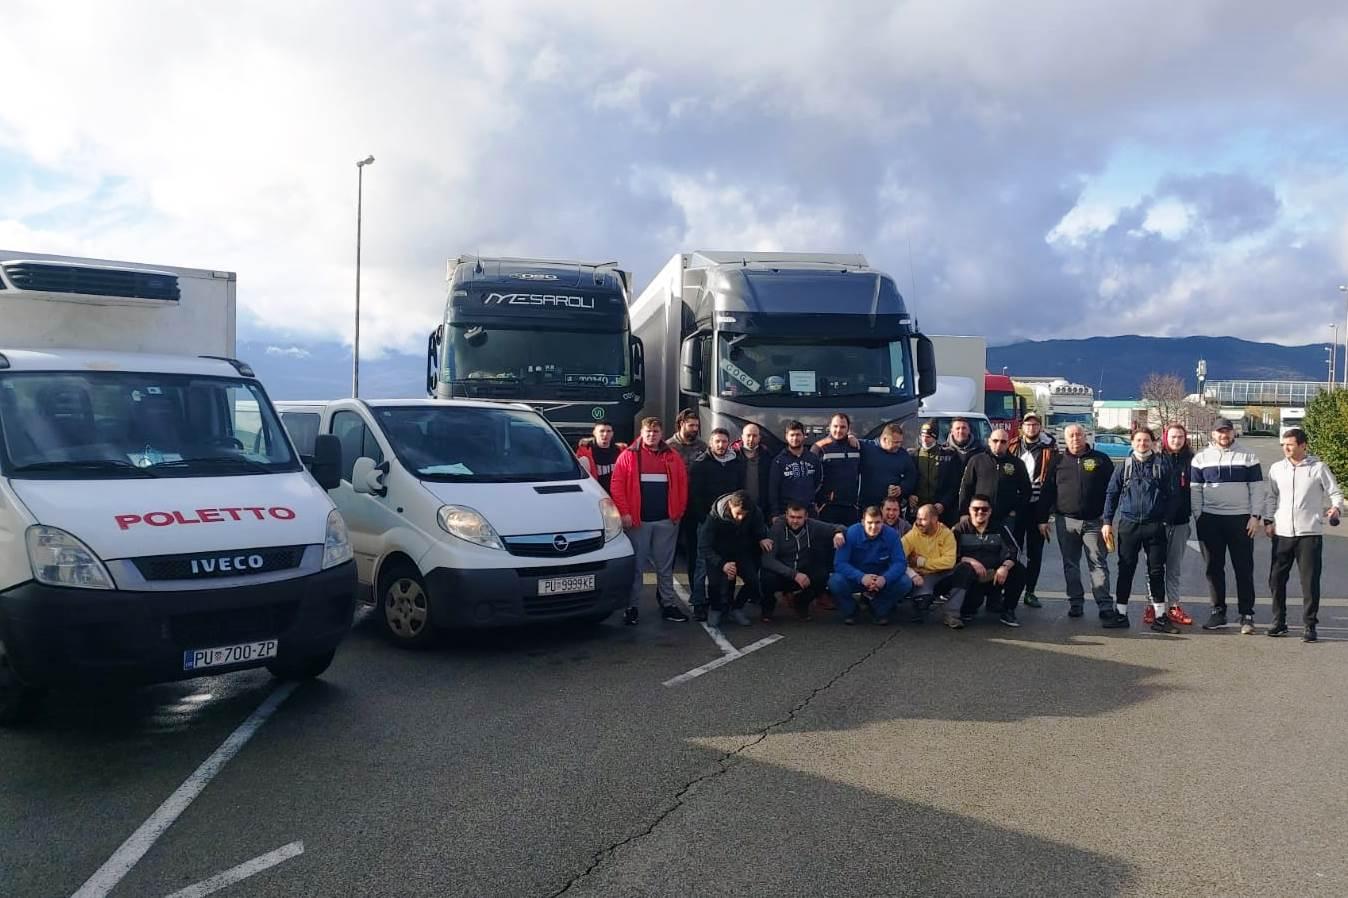 Iz Novigrada put Siska krenuo konvoj humanitarne pomoći za stradale u potresu